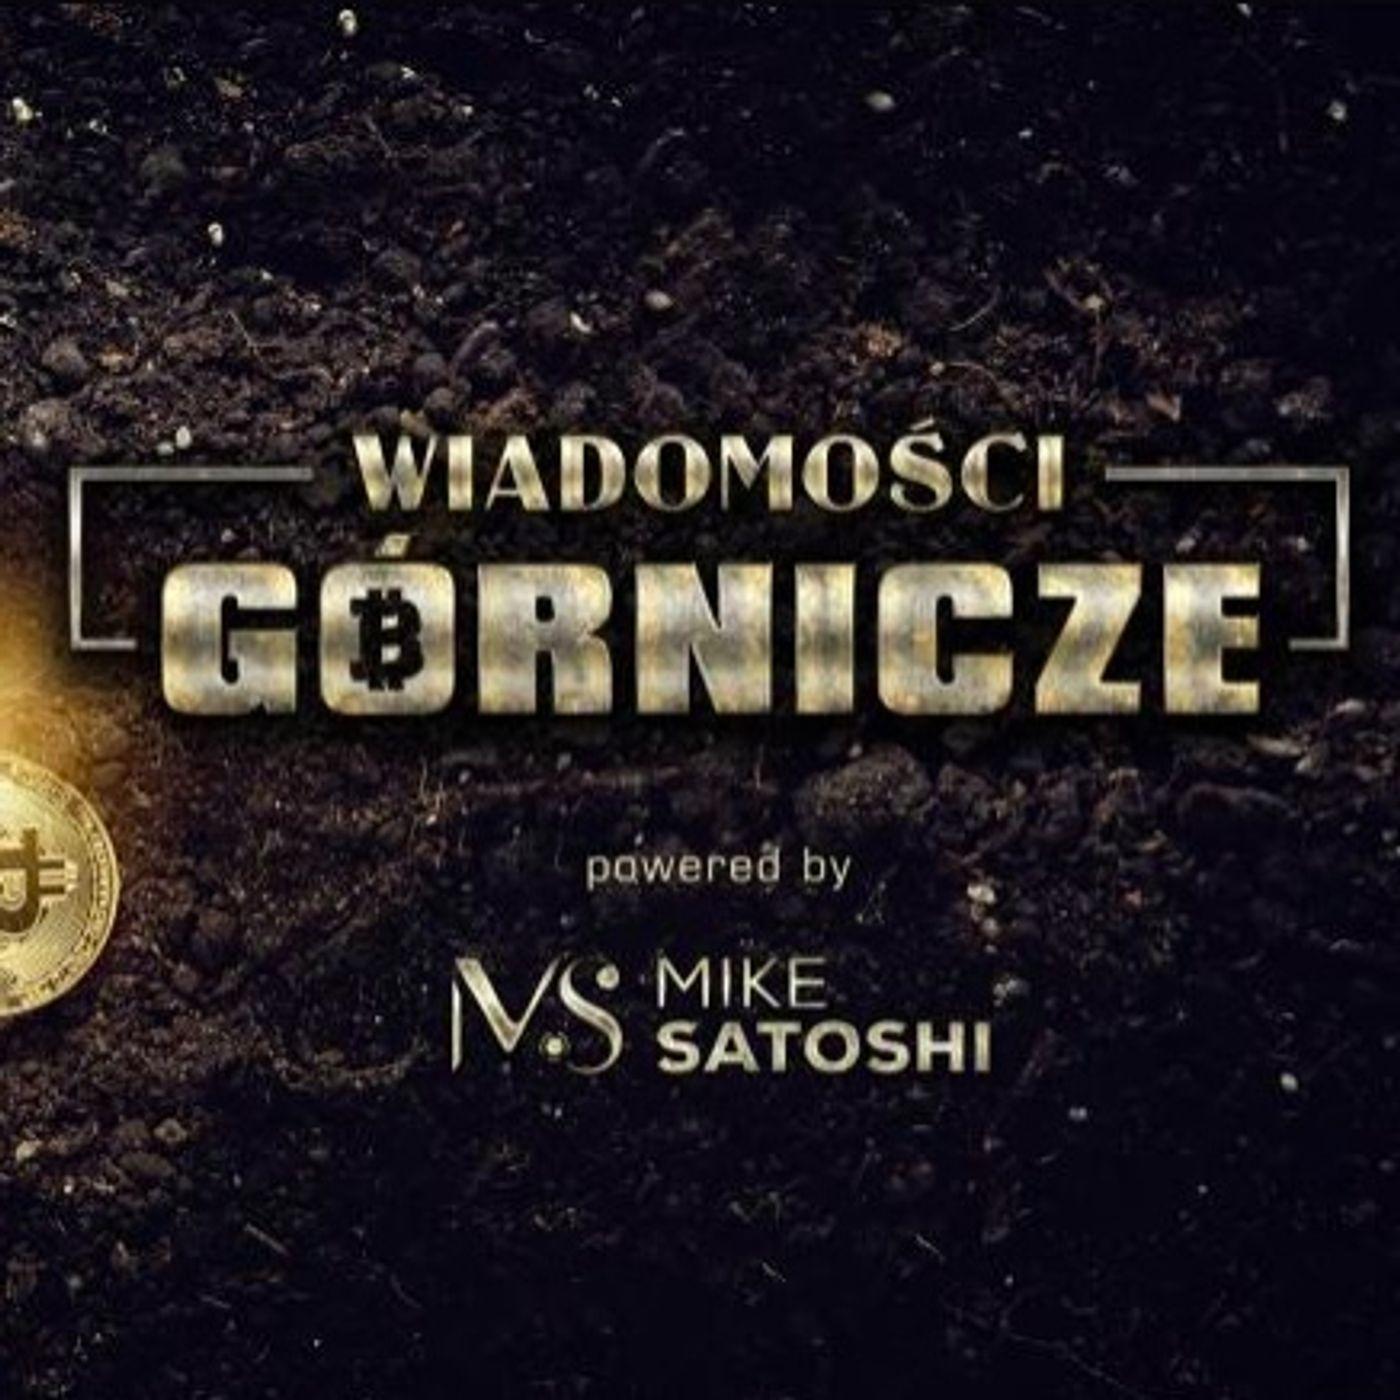 Wiadomości Górnicze #3 05.04.2019